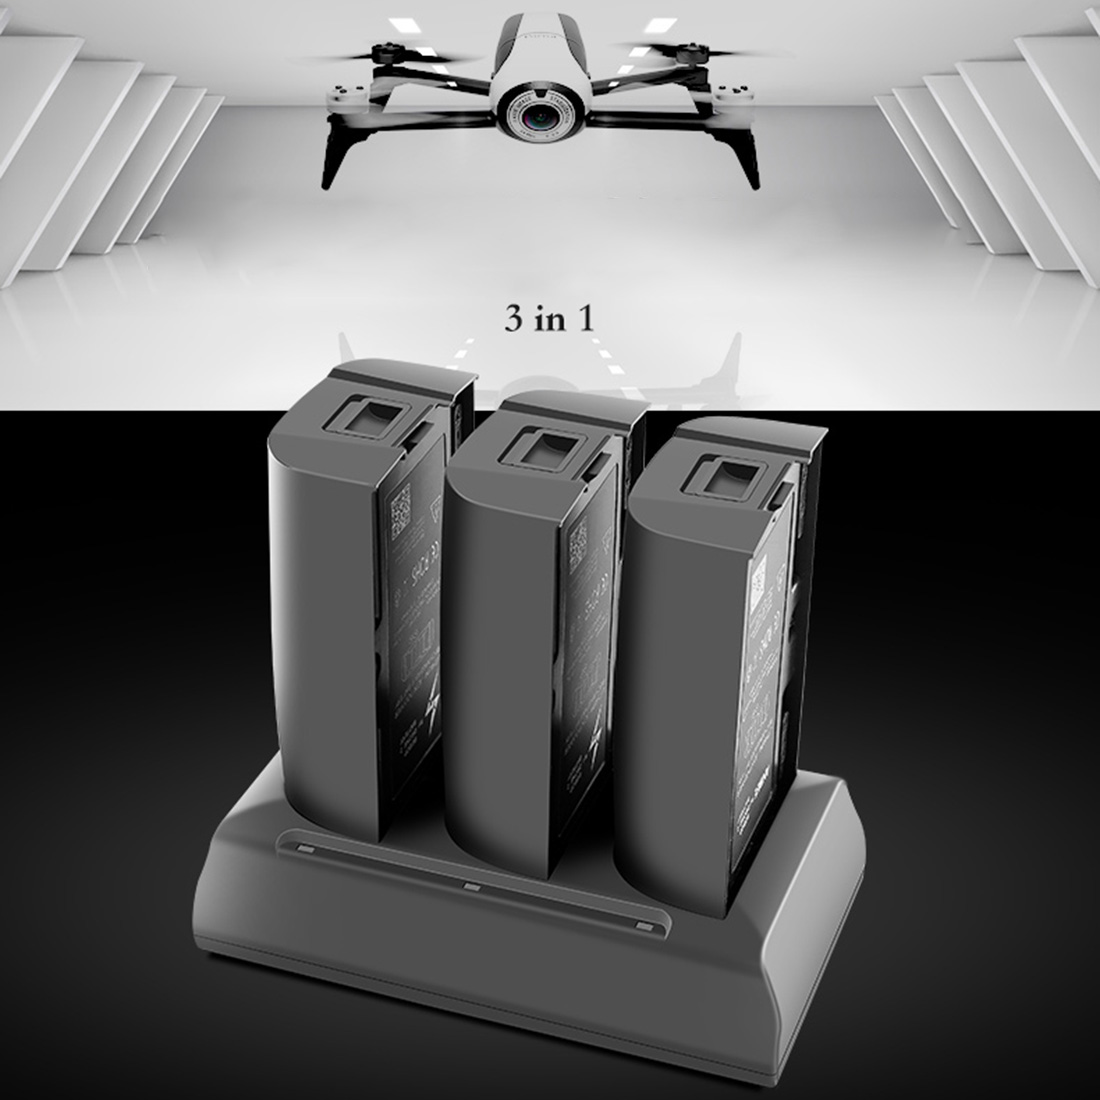 HOBBYINRC 3 en 1 chargeur de batterie pour perroquet bebop 2 Drone FPV pour accessoires de Drone perroquet-prise US/EU